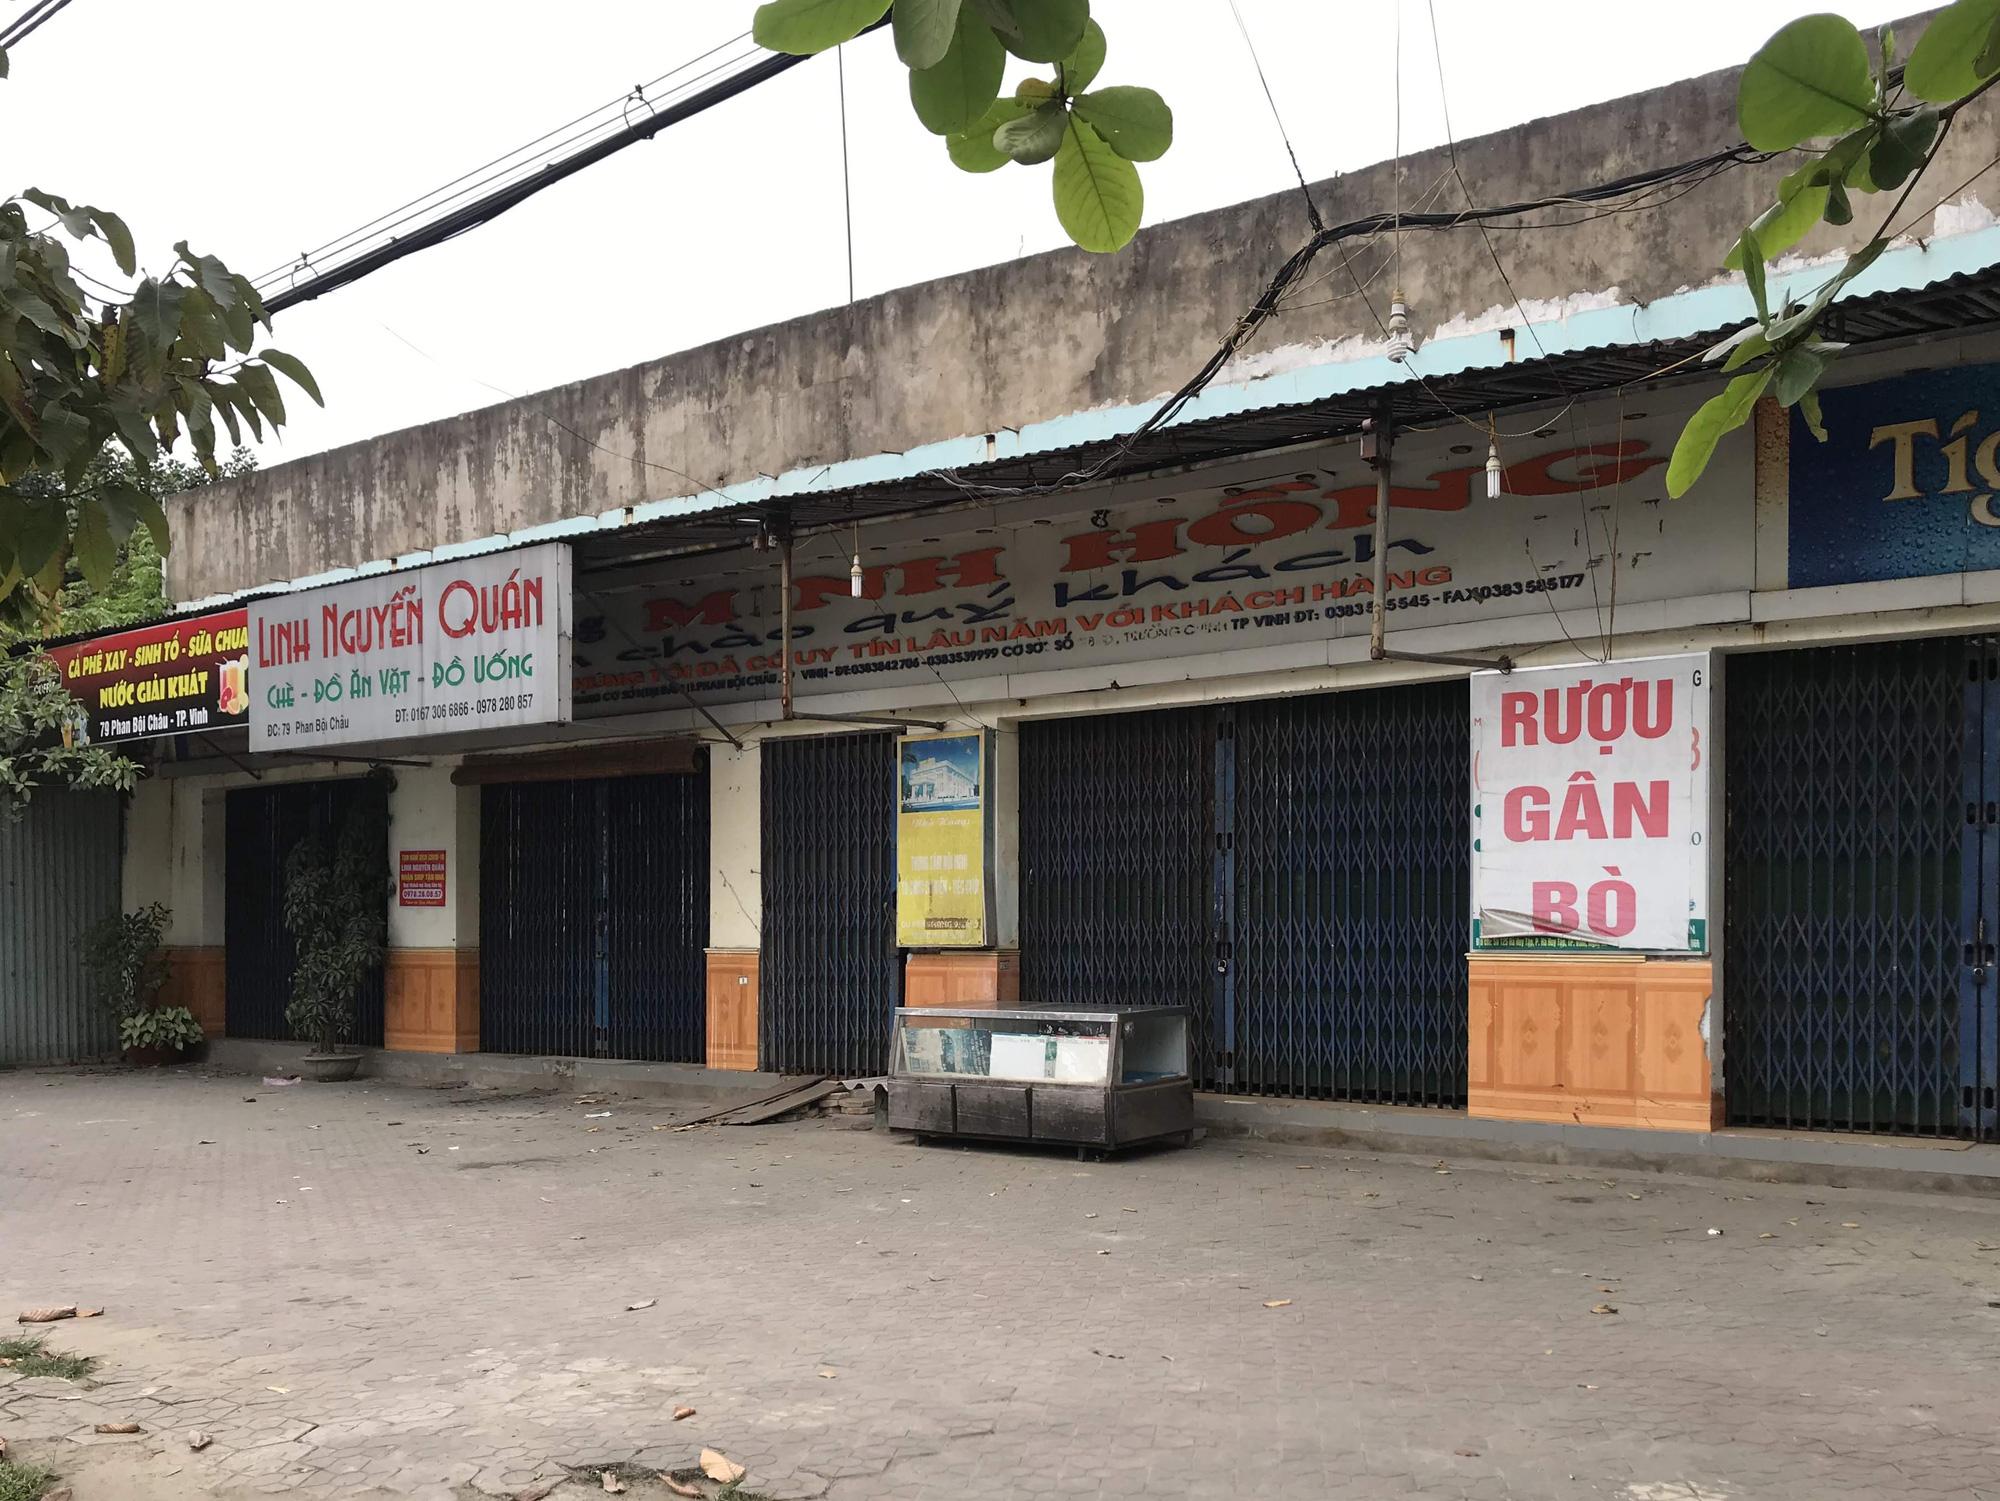 Nghệ An: Tiểu thương chợ đầu mối ế ẩm, các cơ sở kinh doanh dịch vụ, giải trí đồng loạt đóng cửa - Ảnh 15.